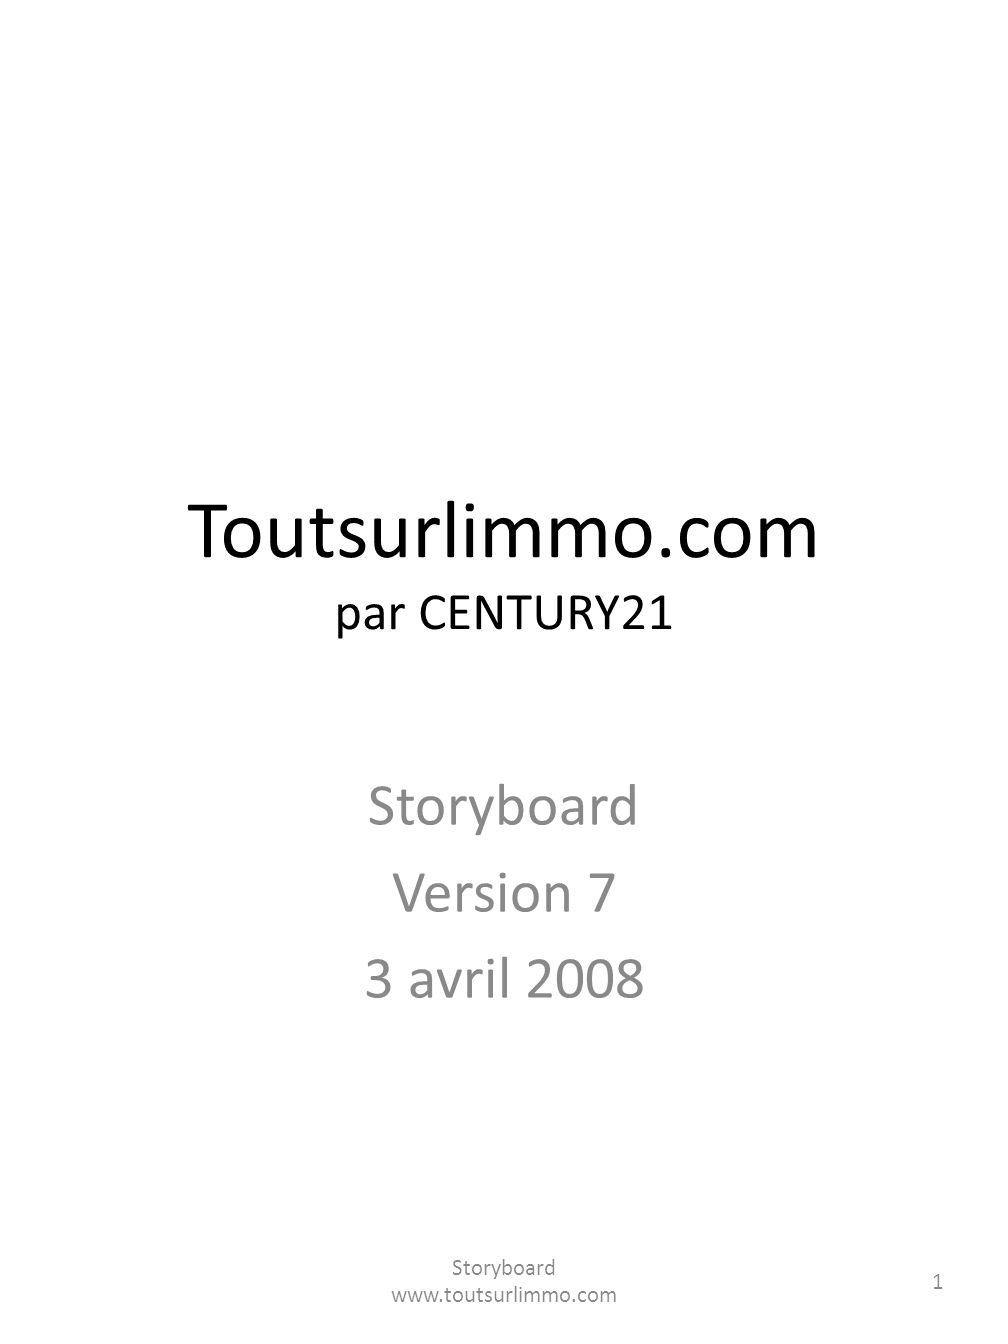 Toutsurlimmo.com par CENTURY21